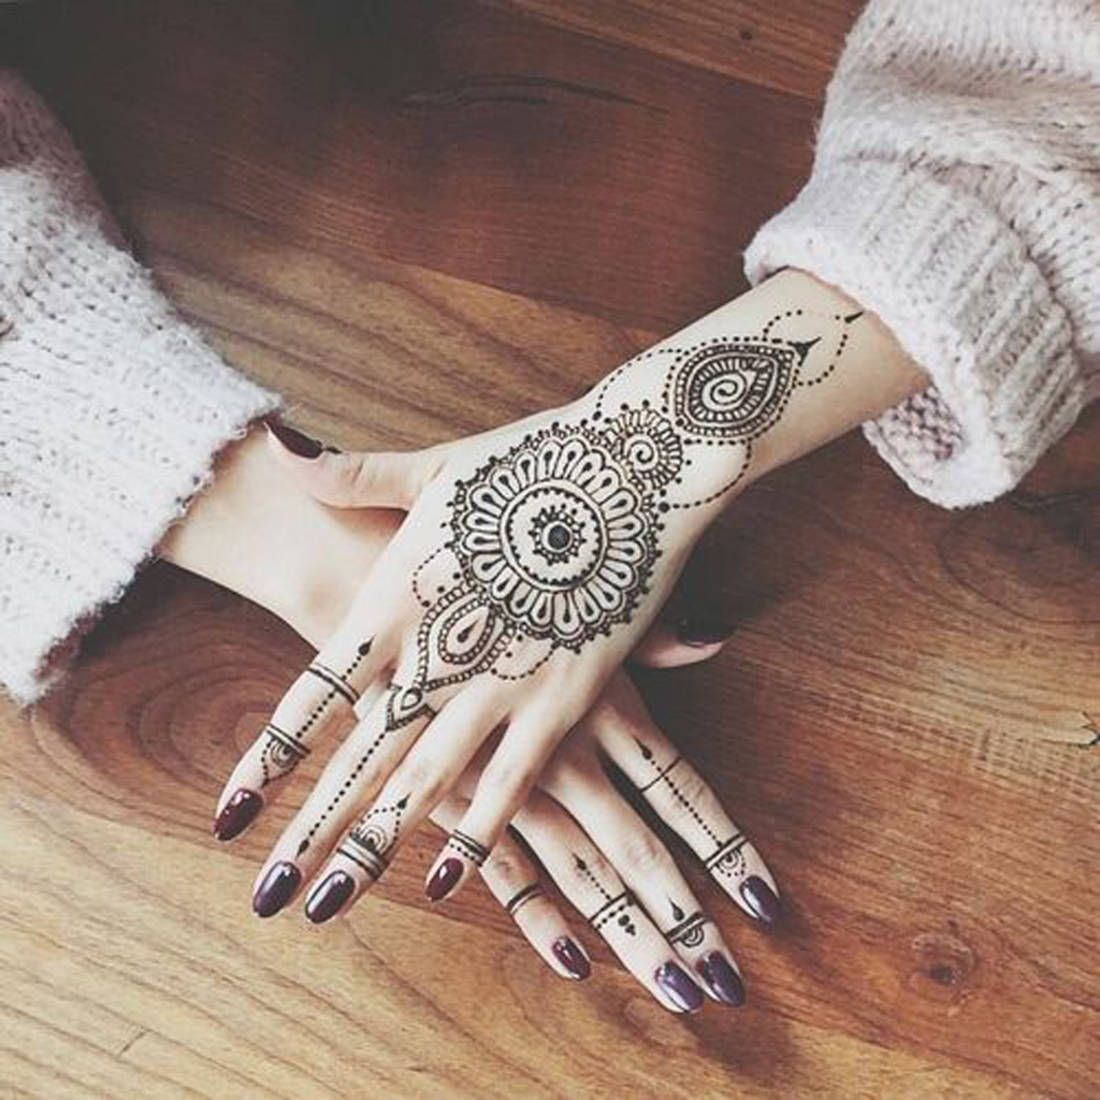 Tatouage mandala bijoux sryle oriental sur les mains et les doigts tatouages tattoo - Tatouage sur les doigts ...